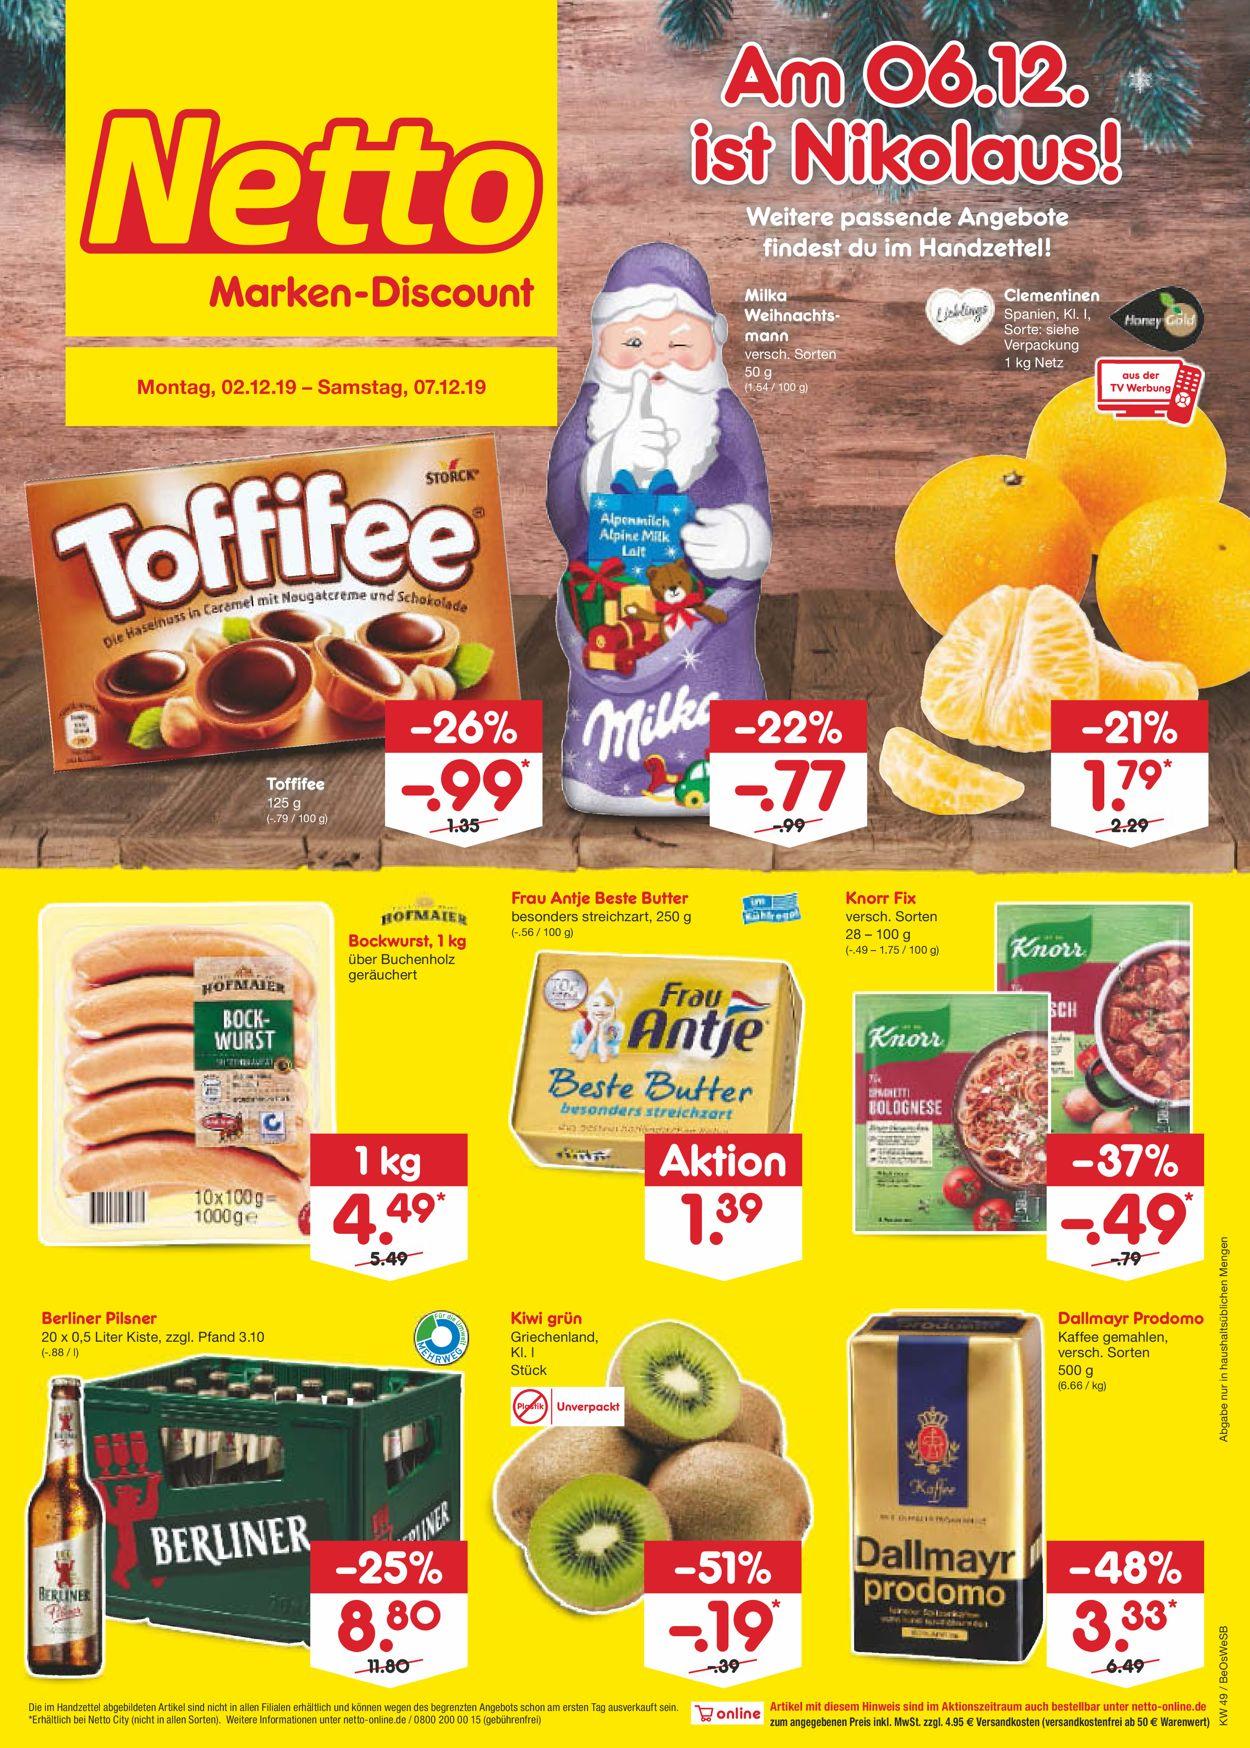 Netto Marken-Discount Prospekt - Aktuell vom 02.12-07.12.2019